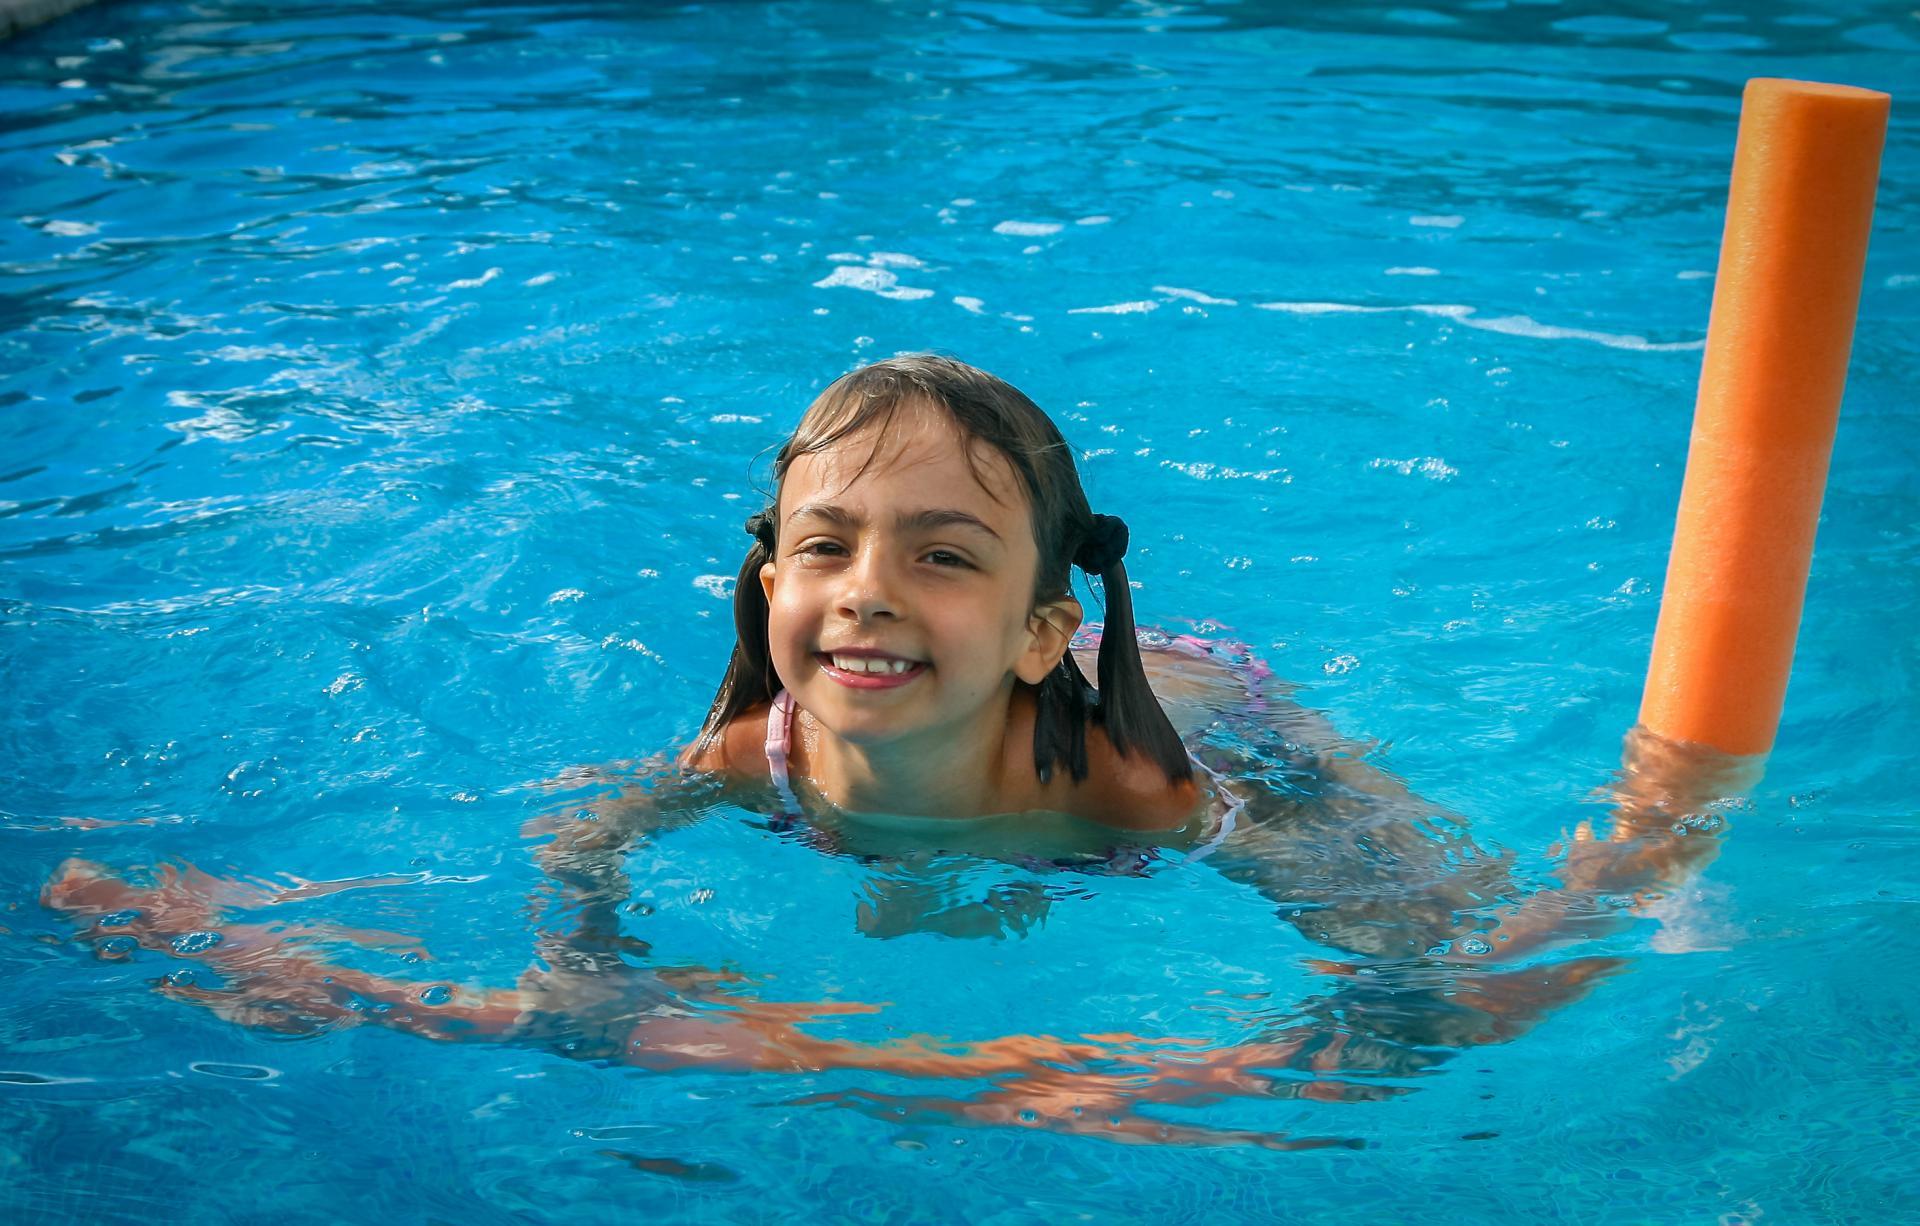 Jeune fille jouant dans une piscine